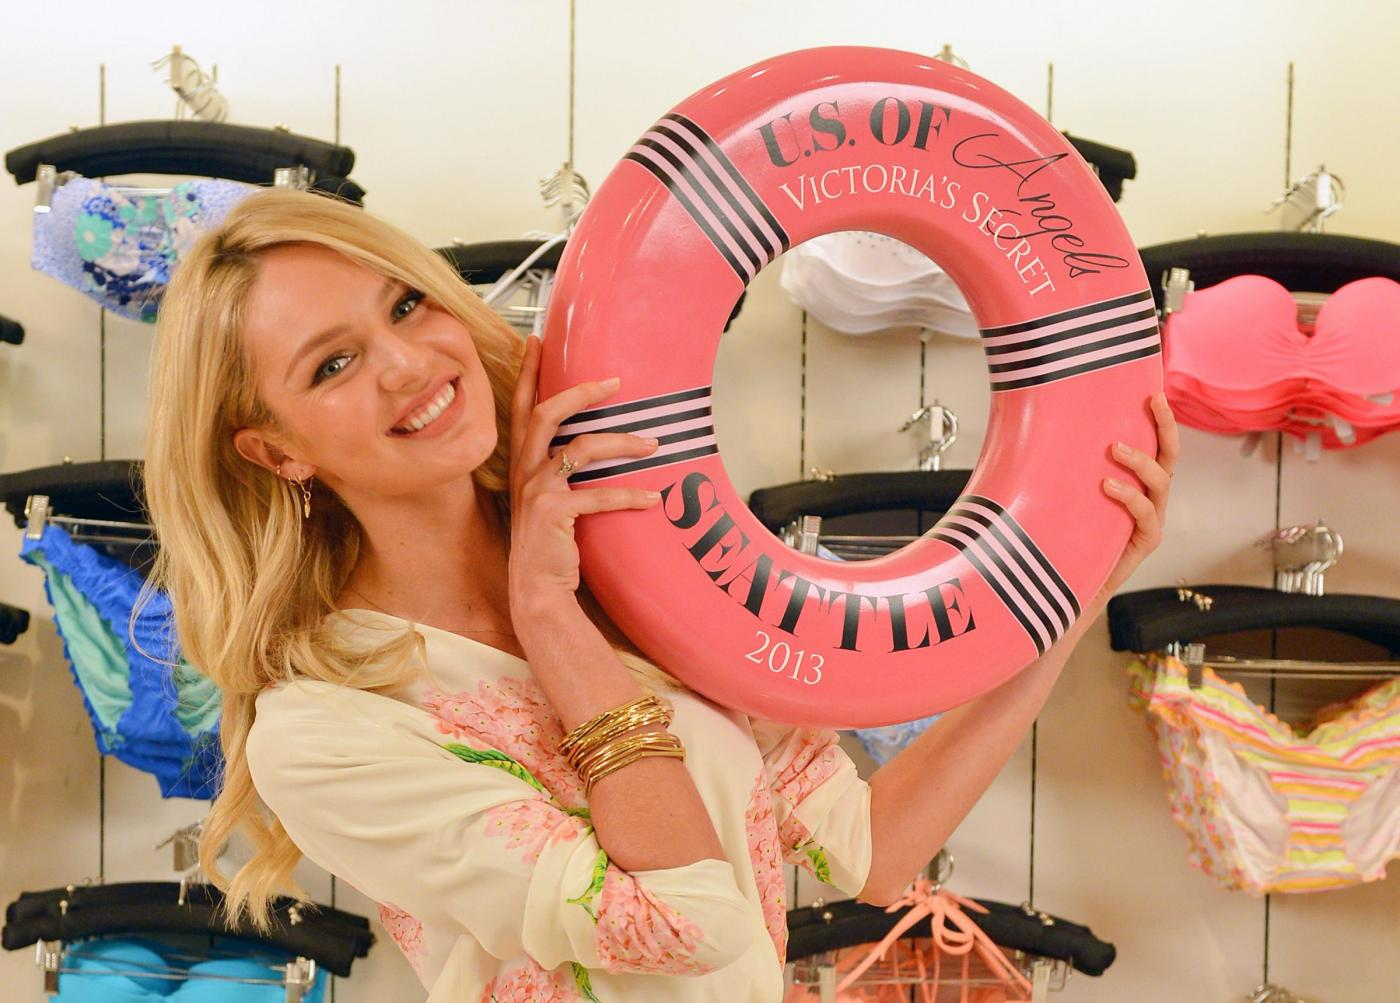 """Candice Swanepoel al """"Victoria Secret US of Angels Estate Swim Tour""""02"""